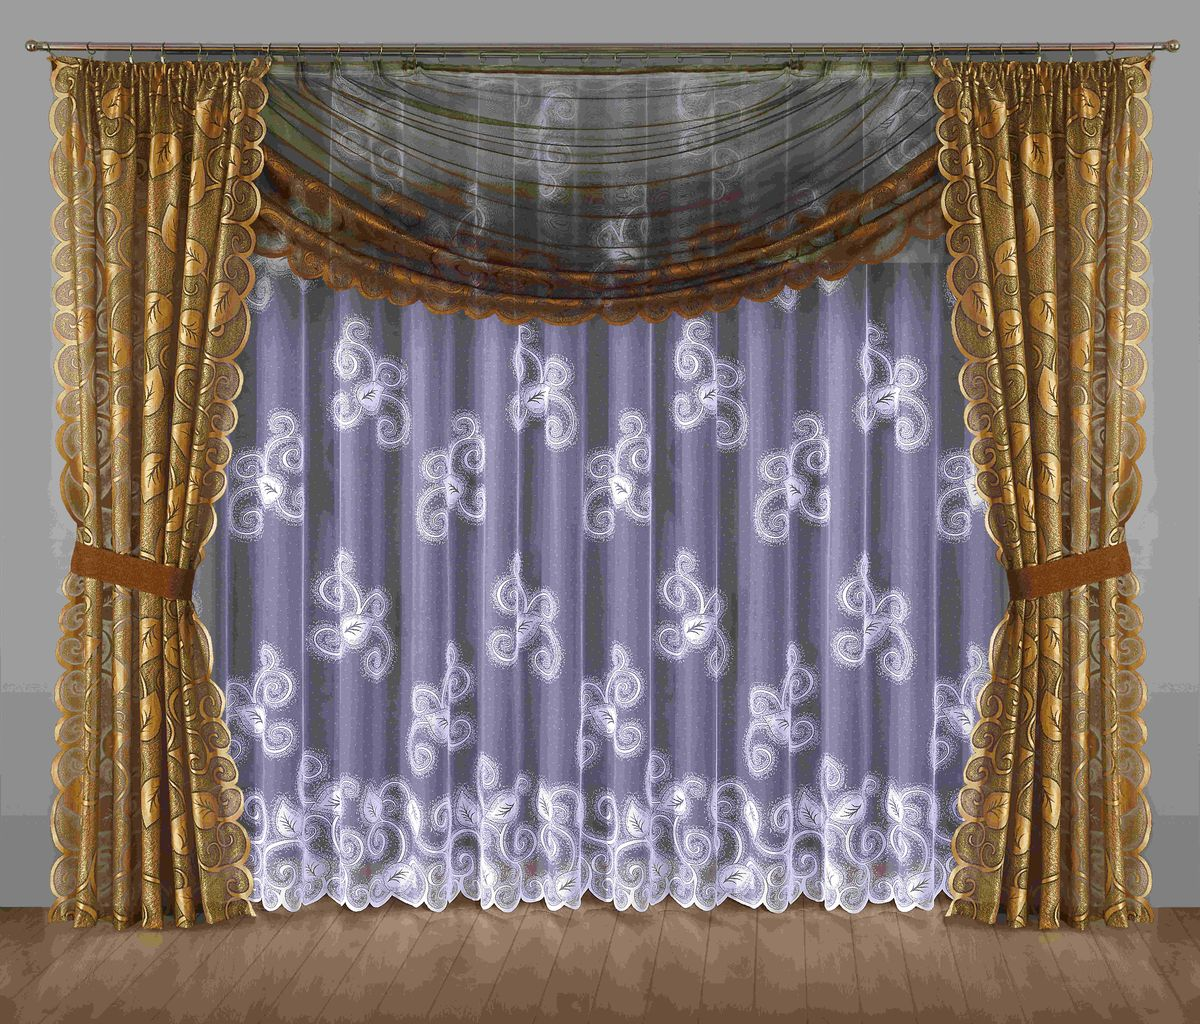 Комплект штор Wisan Ulryka, на ленте, цвет: коричневый, золотой, высота 250 смK100Комплект штор Wisan Ulryka выполненный из полиэстера, великолепно украсит любое окно. В комплект входят 2 шторы, тюль, ламбрекен и 2 подхвата.Интересный крой, и цветочный узор придают комплекту особый стиль и шарм. Тонкое плетение, нежная цветовая гамма и роскошное исполнение - все это делает шторы Wisan Ulryka замечательным дополнением интерьера помещения.Комплект оснащен шторной лентой для красивой сборки. В комплект входит: Штора - 2 шт. Размер (ШхВ): 145 см х 250 см. Тюль - 1 шт. Размер (ШхВ): 400 см х 250 см. Ламбрекен - 1 шт. Размер (ШхВ): 350 см х 145 см. Подхват - 2 шт.Фирма Wisan на польском рынке существует уже более пятидесяти лет и является одной из лучших польских фабрик по производству штор и тканей. Ассортимент фирмы представлен готовыми комплектами штор для гостиной, детской, кухни, а также текстилем для кухни (скатерти, салфетки, дорожки, кухонные занавески). Модельный ряд отличает оригинальный дизайн, высокое качество. Ассортимент продукции постоянно пополняется.